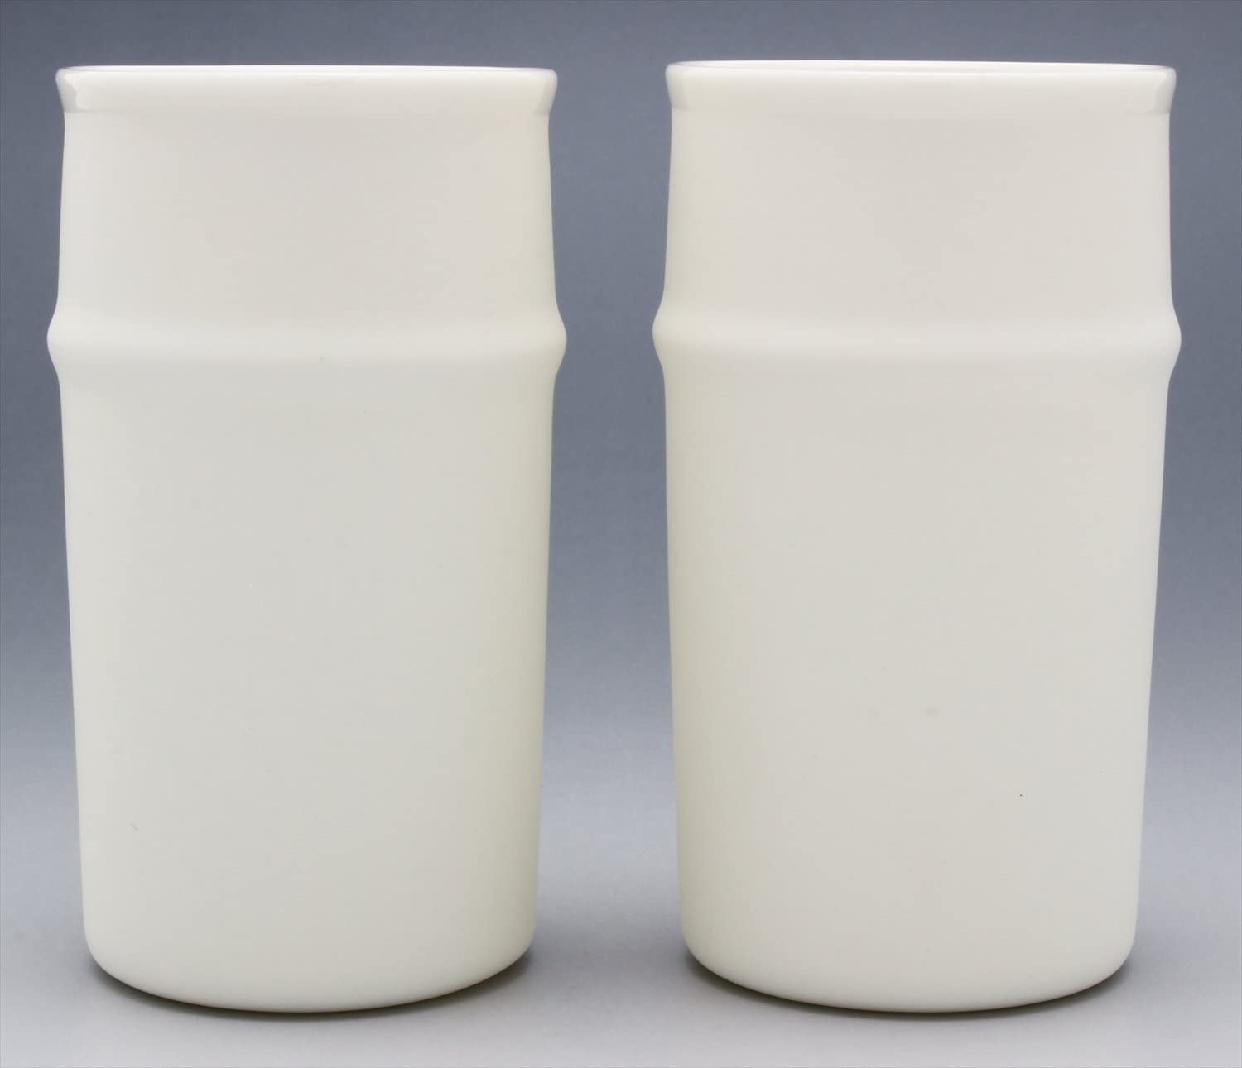 玉有(Gyokuyu) ペア ビール杯 (化粧箱入) 11635の商品画像2